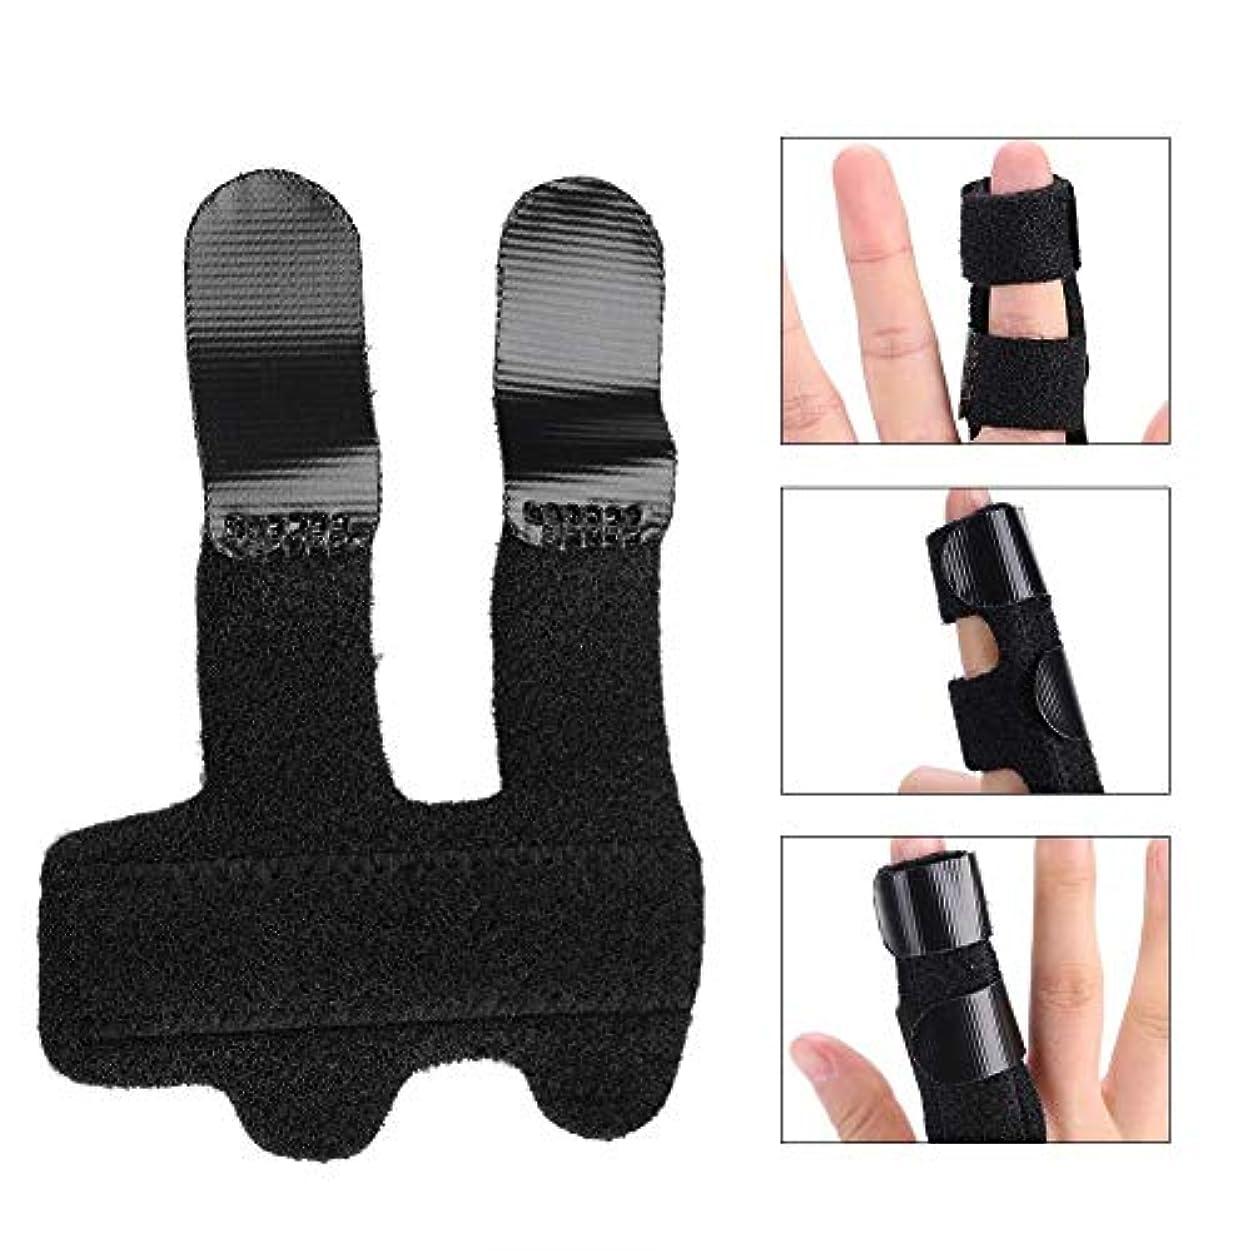 だらしないウェイター謝罪するフィンガー剛性、変形性関節症、捻挫指の関節の痛みを軽減するためのばね指スプリント、指拡張添え木指ブレース/指矯正ブレース/ばね指サポーター